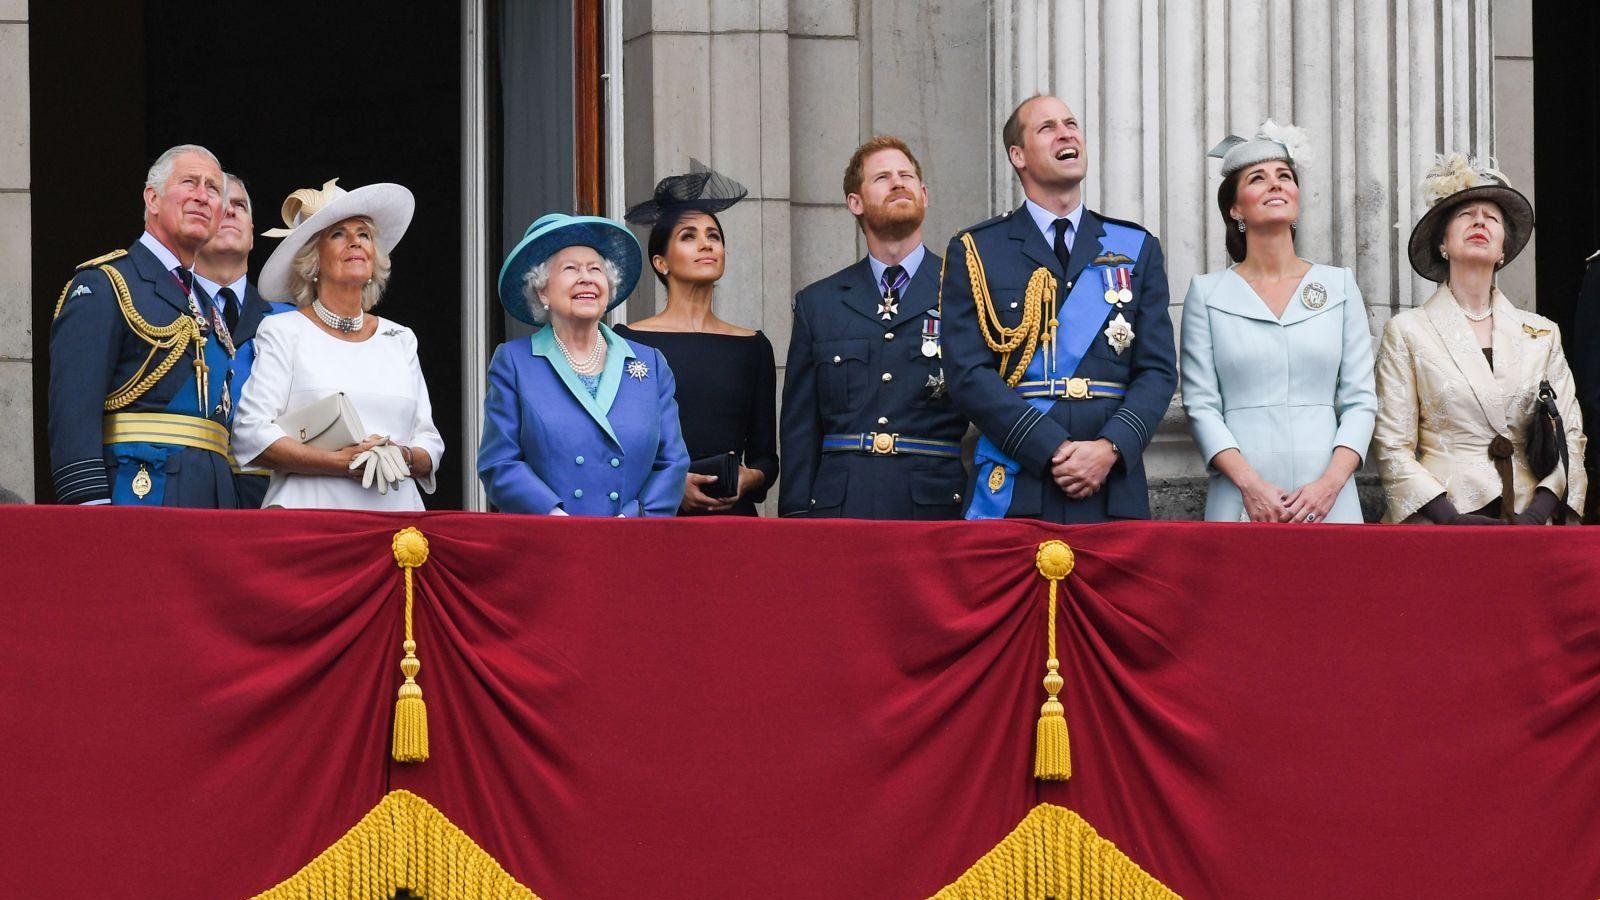 Carlos, William, Jorge, Carlota, Harry… ¿Quién es quién en la línea de sucesión al trono británico?